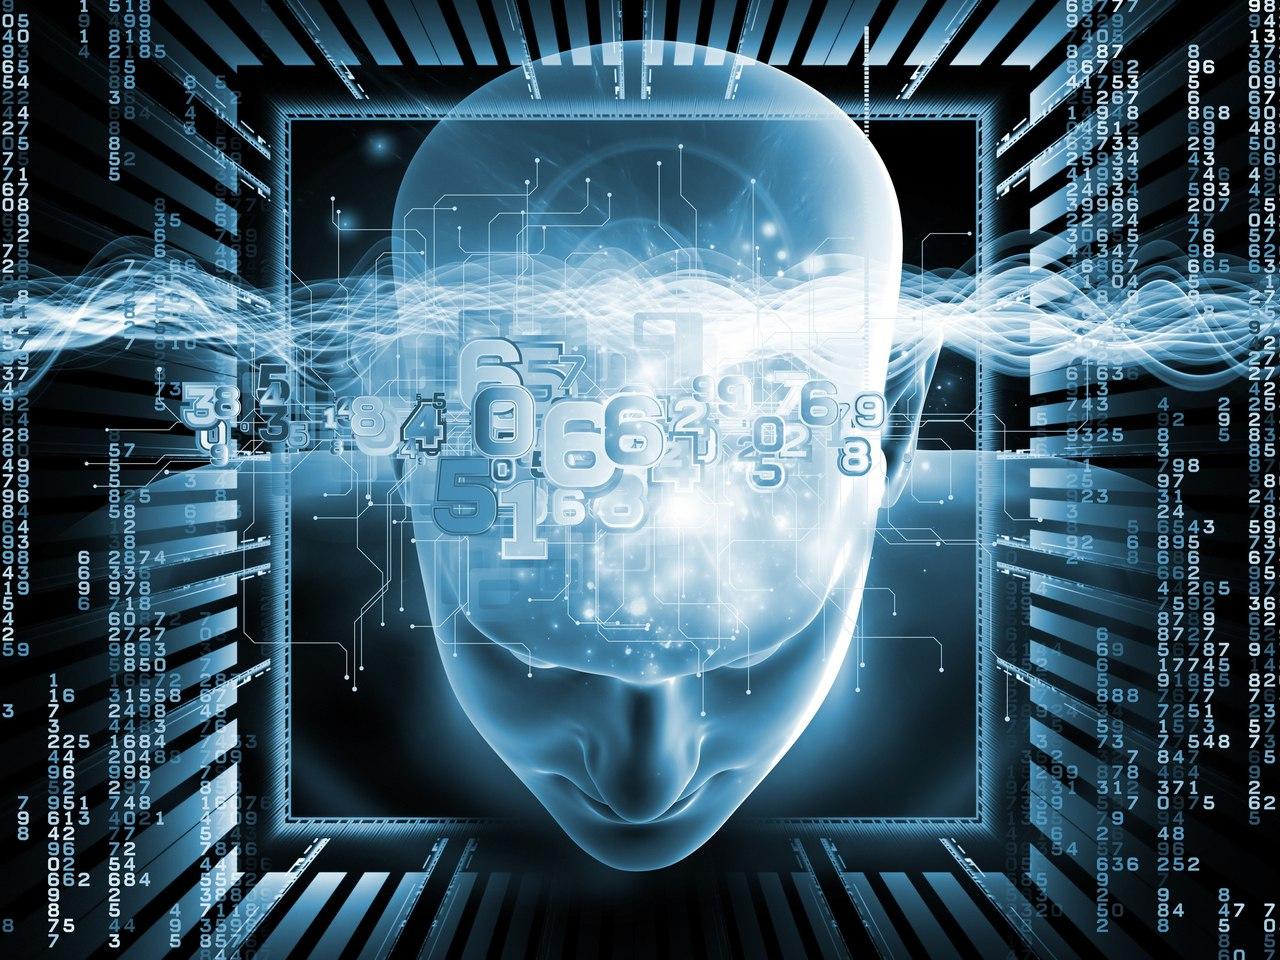 neuroprosthetics.jpg